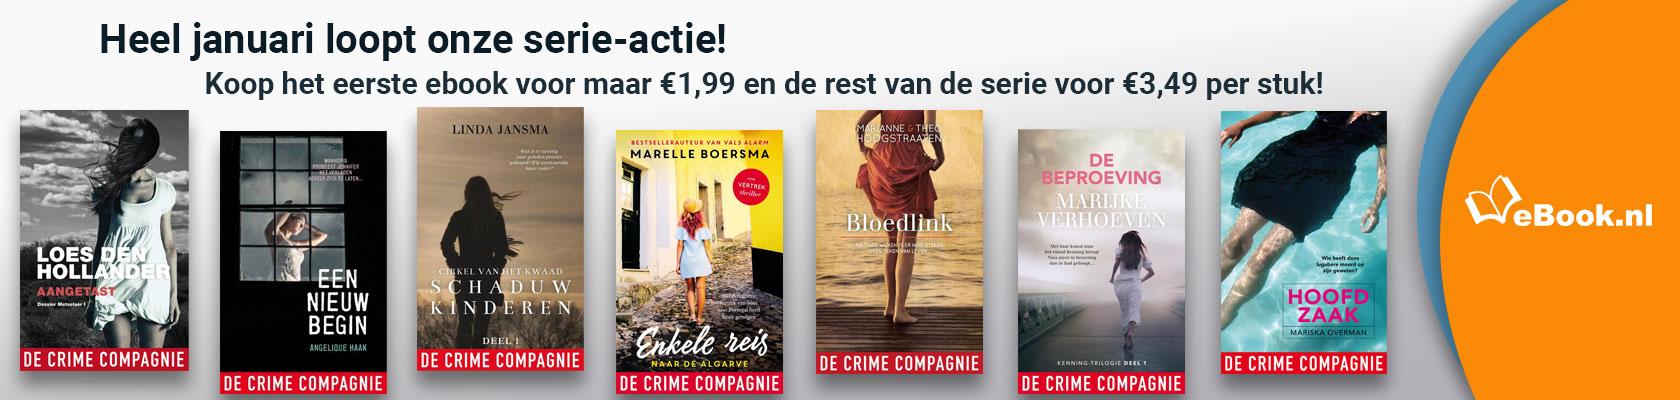 Serie-actie De Crime Compagnie